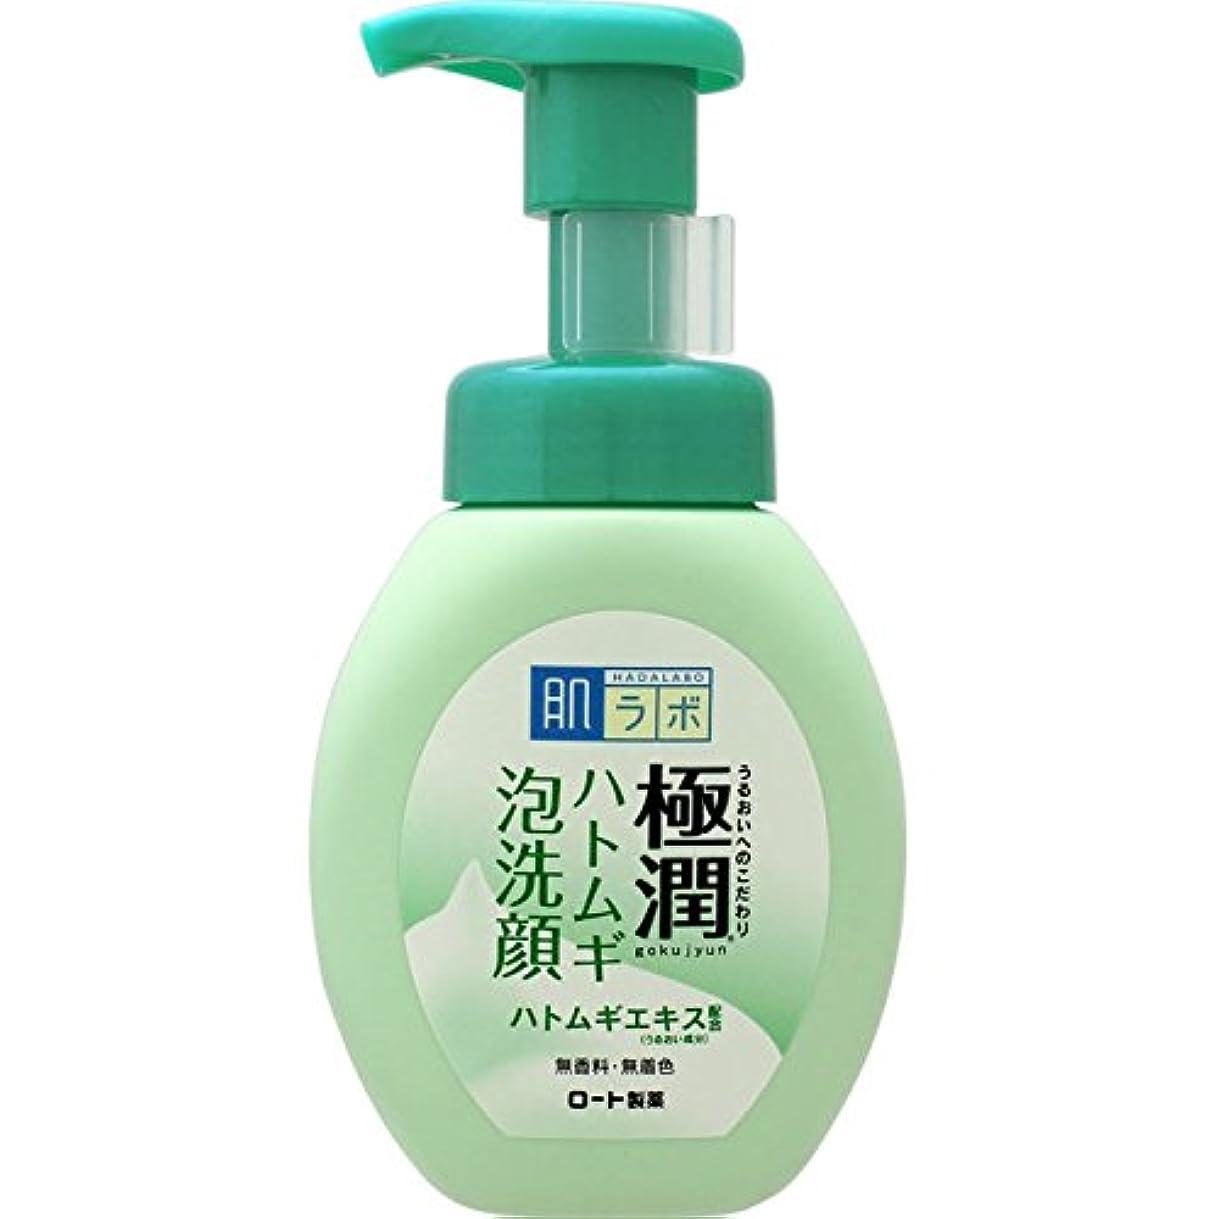 大胆小売適用する肌ラボ 極潤 毛穴洗浄 大人ニキビ予防 ハトムギ泡洗顔 160mL